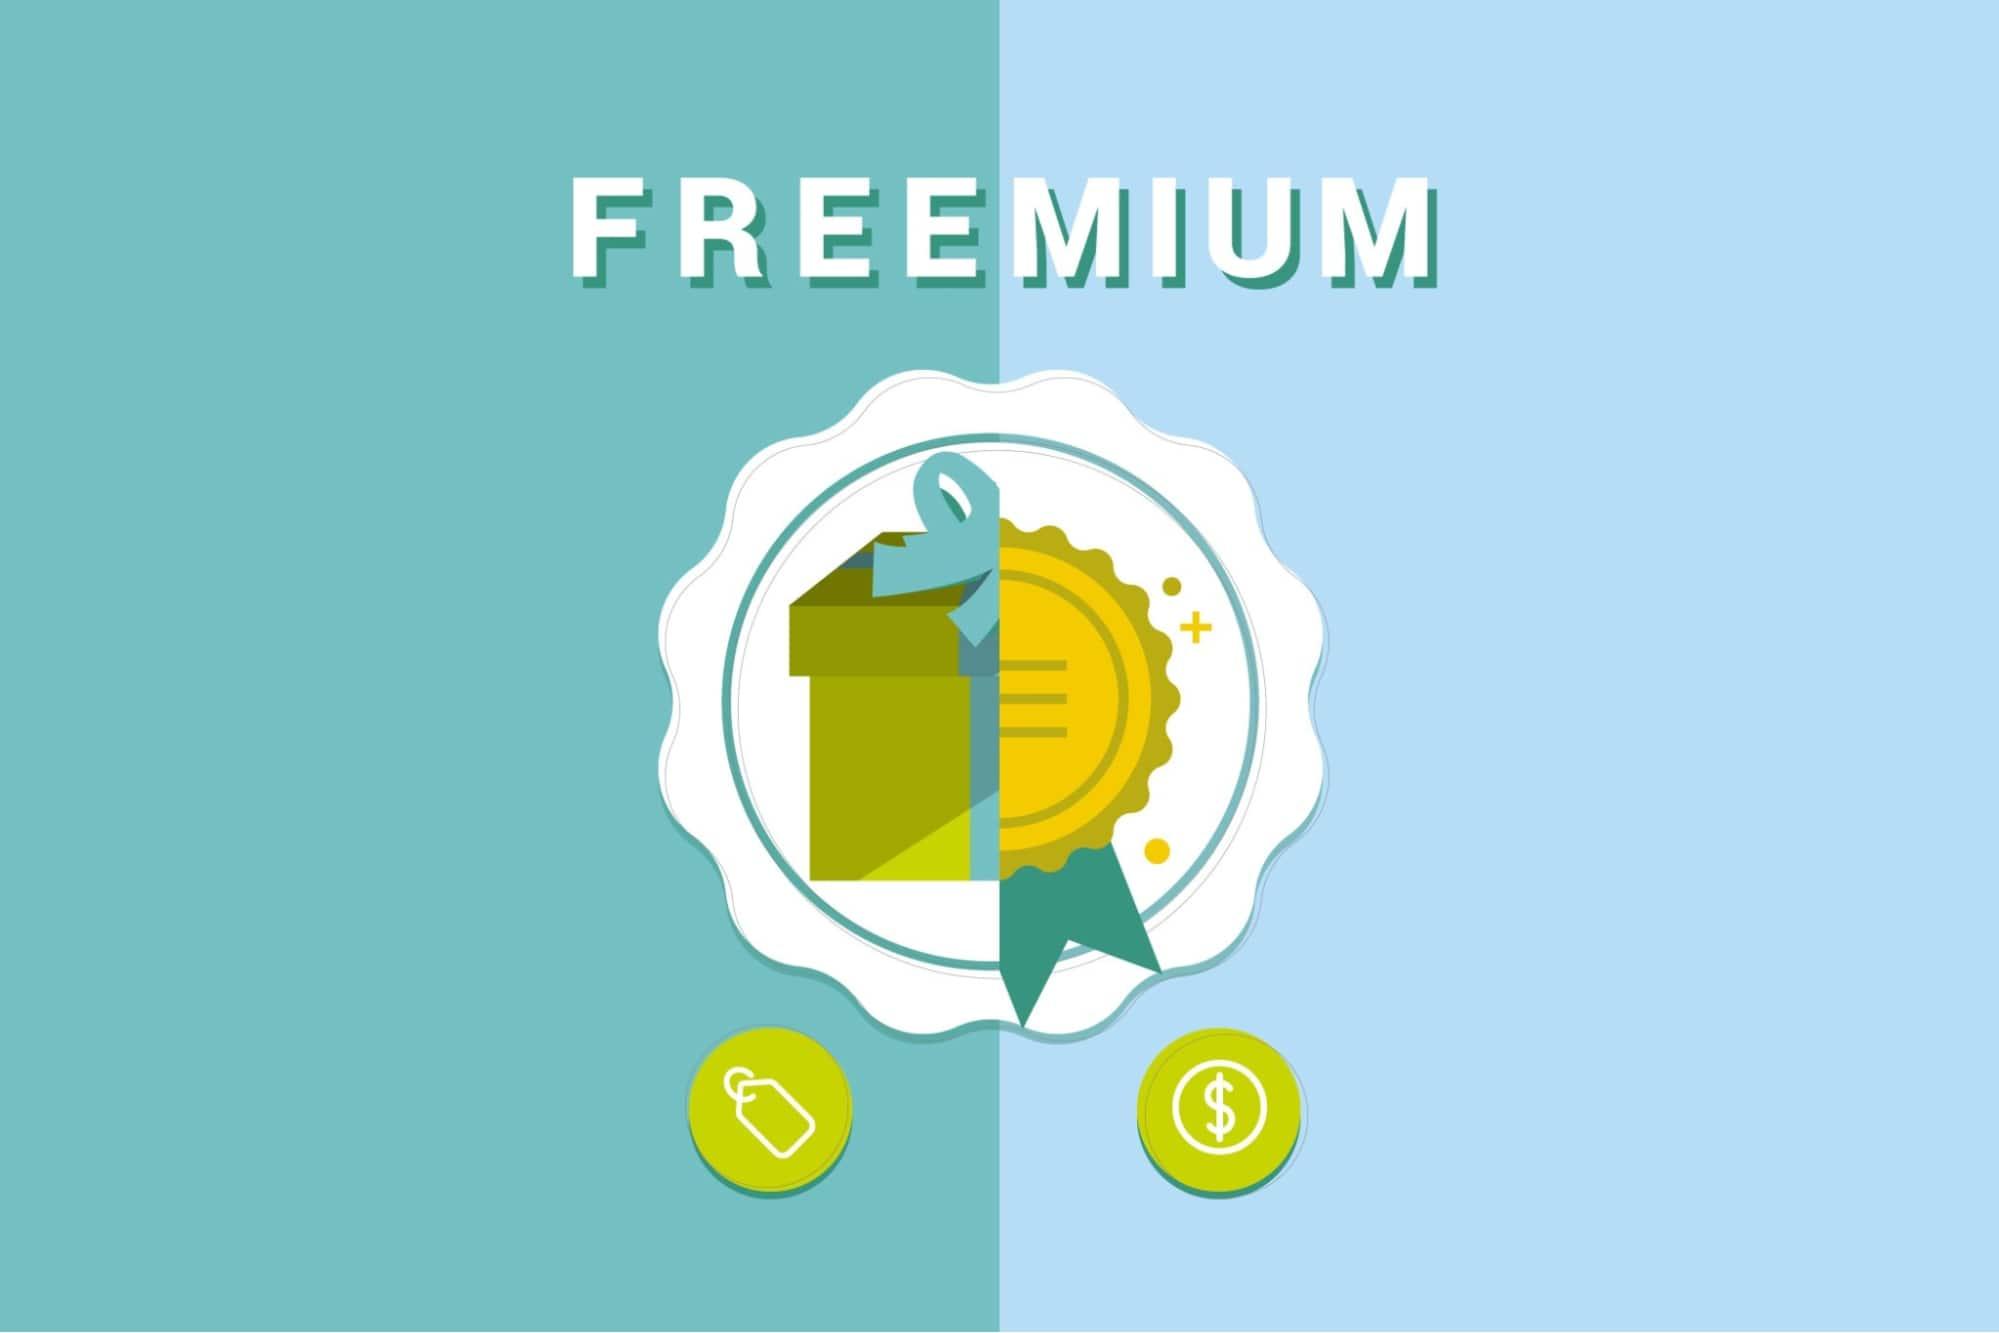 Use freemium pricing model